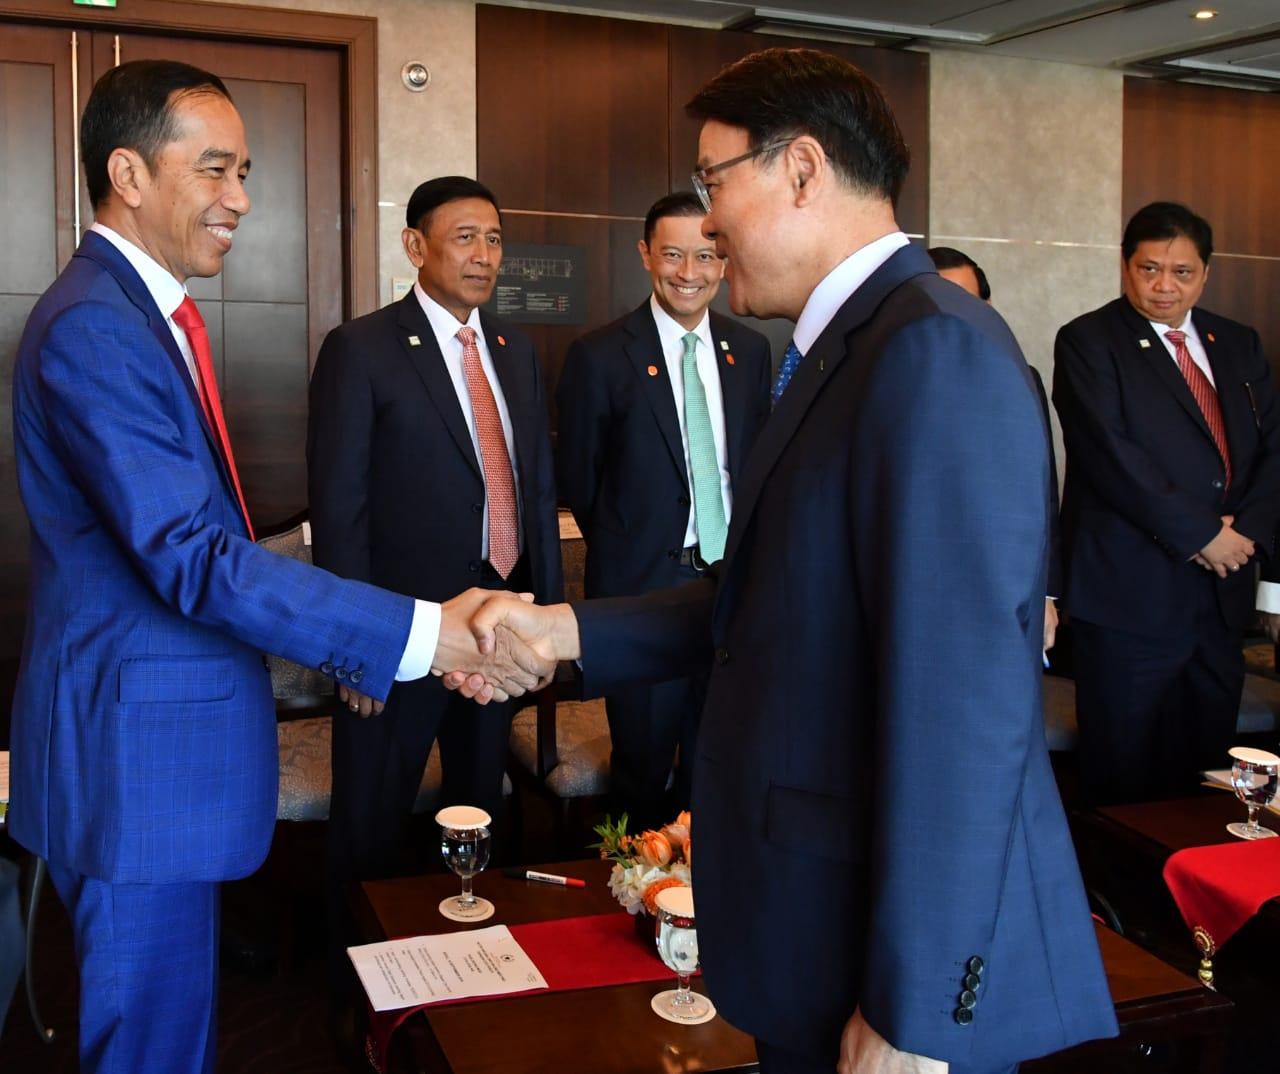 Presiden Jokowi Bertemu dengan Empat Pimpinan Perusahaan Korea Selatan